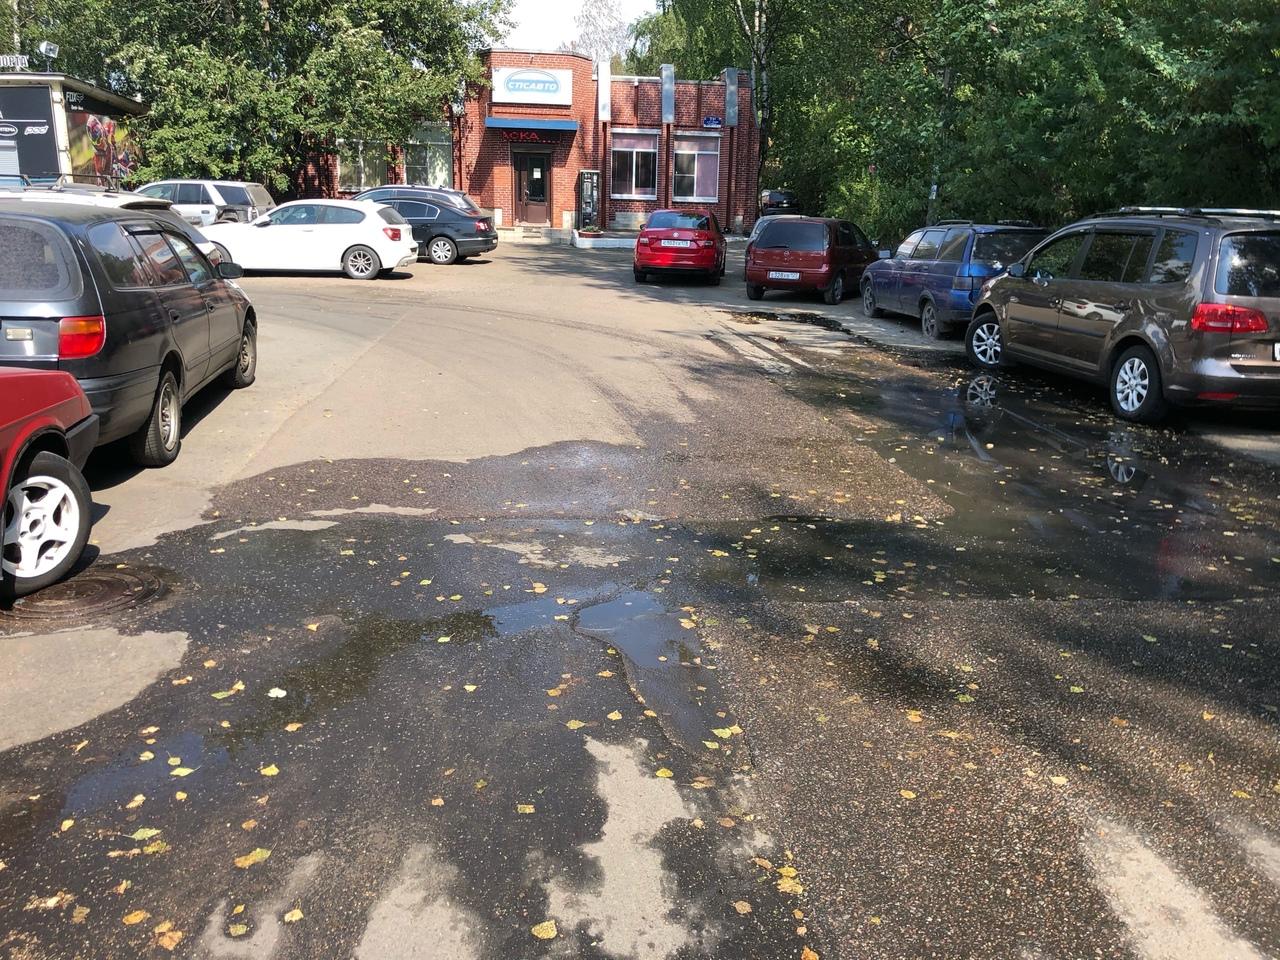 В парк Сосновка на Витковского уже второй день из люка льется канализация! Вонища жуткая, к чему это...